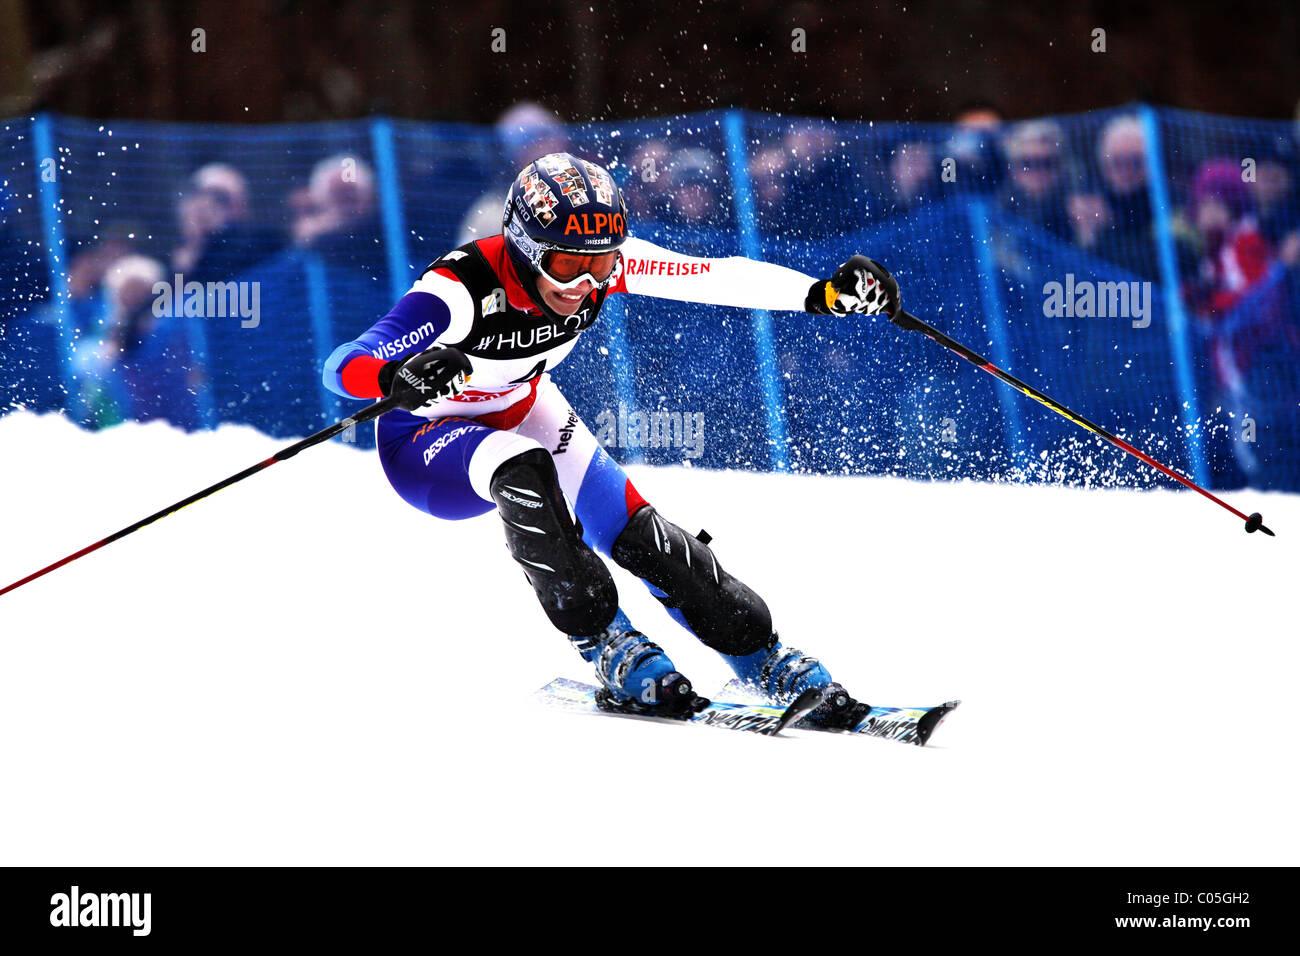 Dominique Gisin (SUI) at the FIS Alpine World Ski Championships in Garmisch-Patenkirchen 2011 Stock Photo